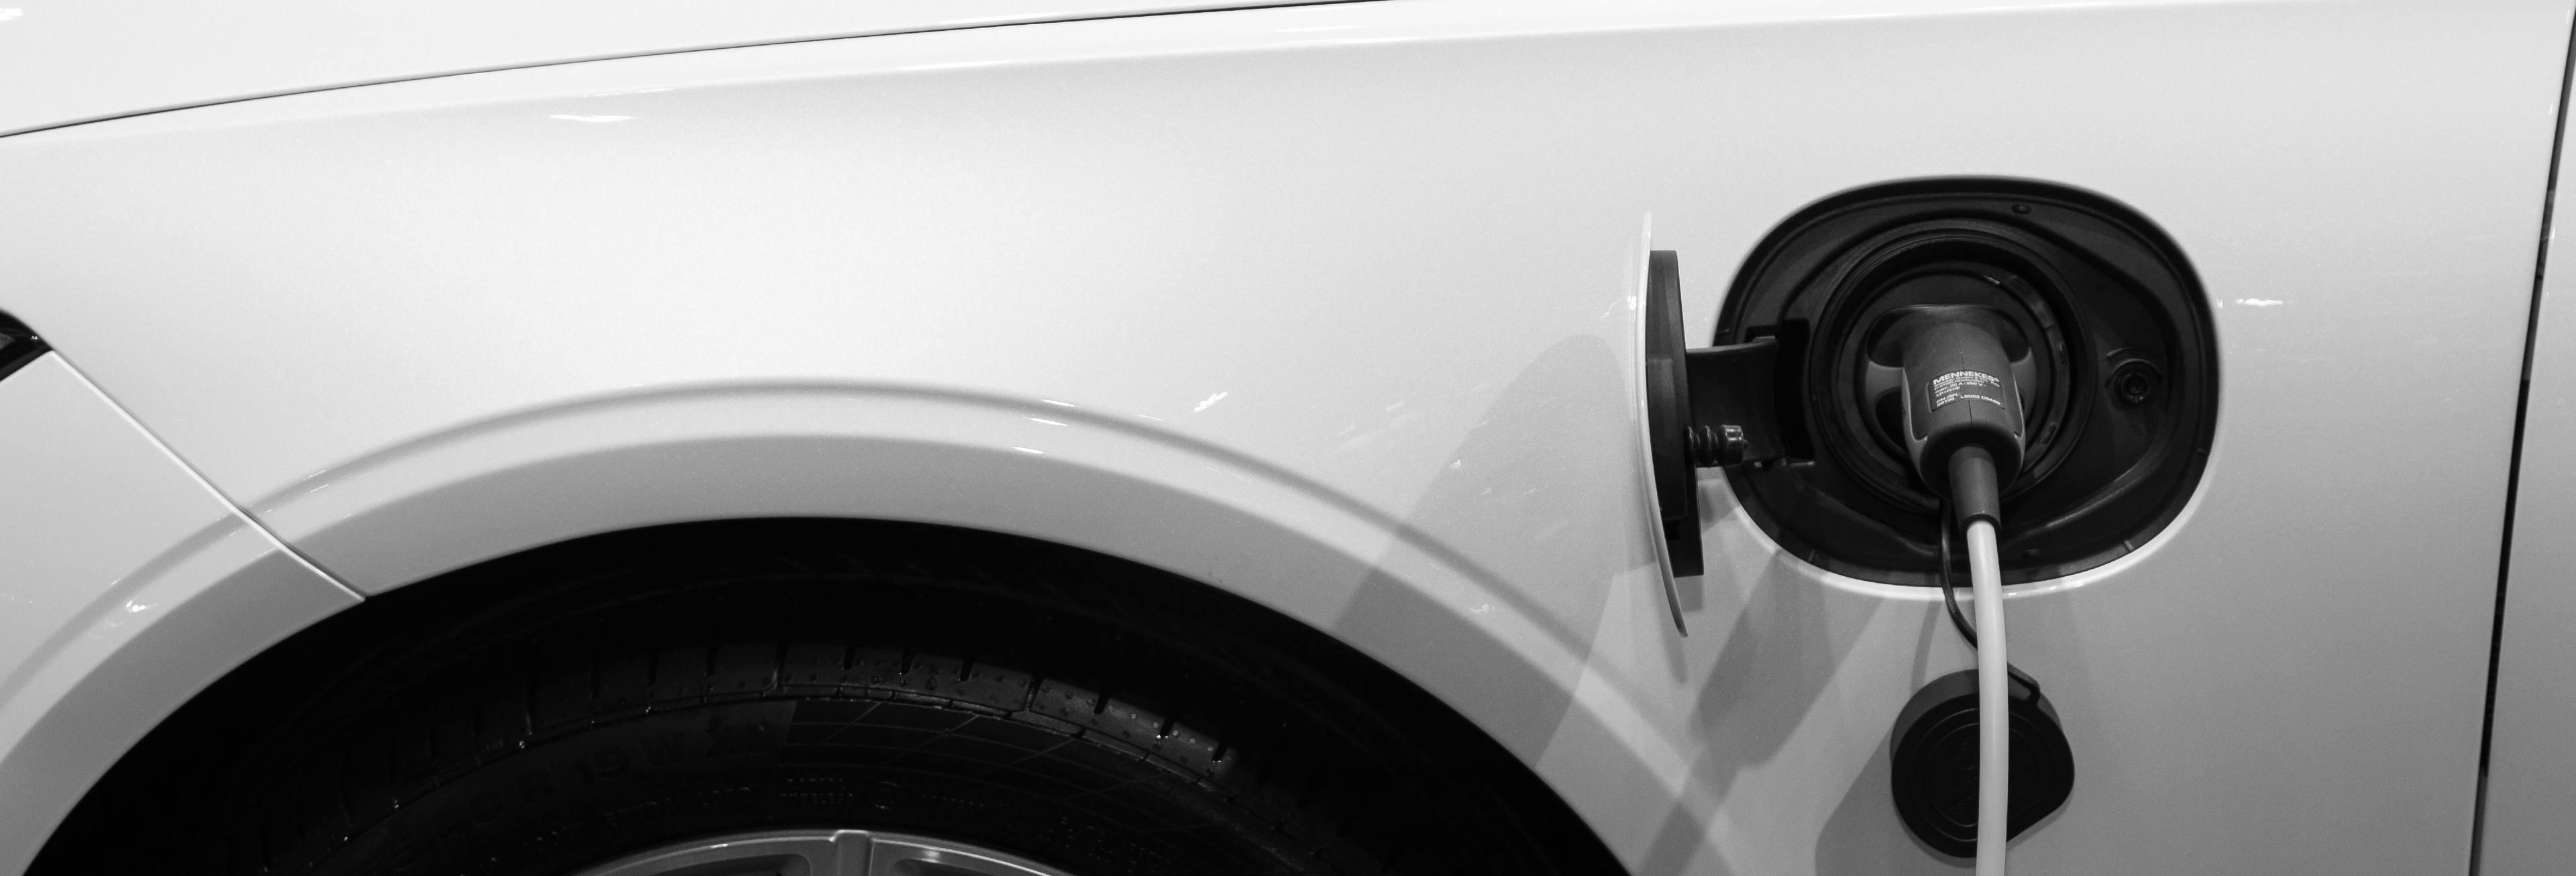 Trente questions et réponses sur les marchés publics de véhicules propres et économes en énergie